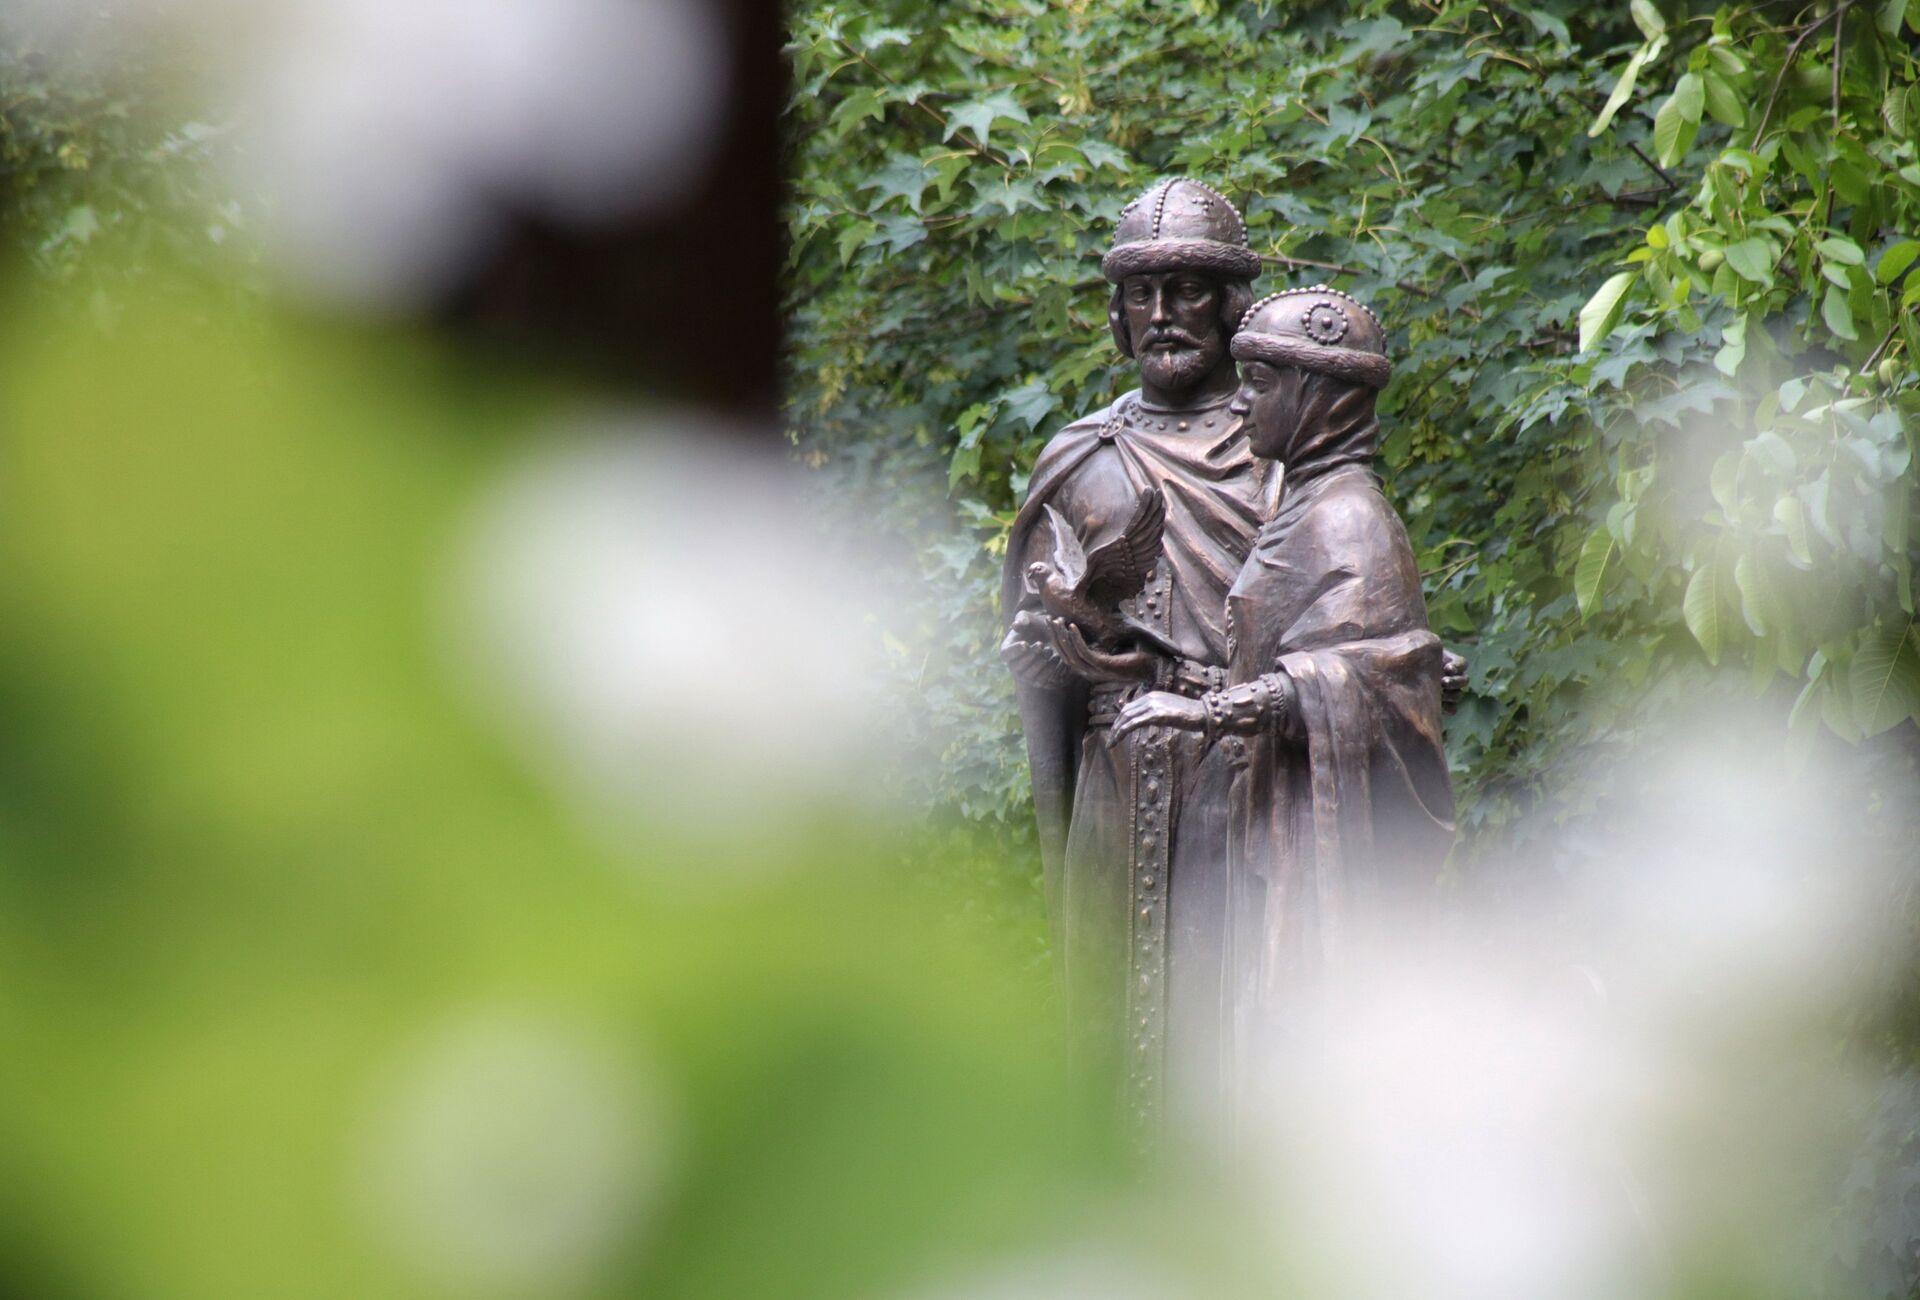 Памятник святым Петру и Февронии в Детском парке в Симферополе - РИА Новости, 1920, 06.07.2021